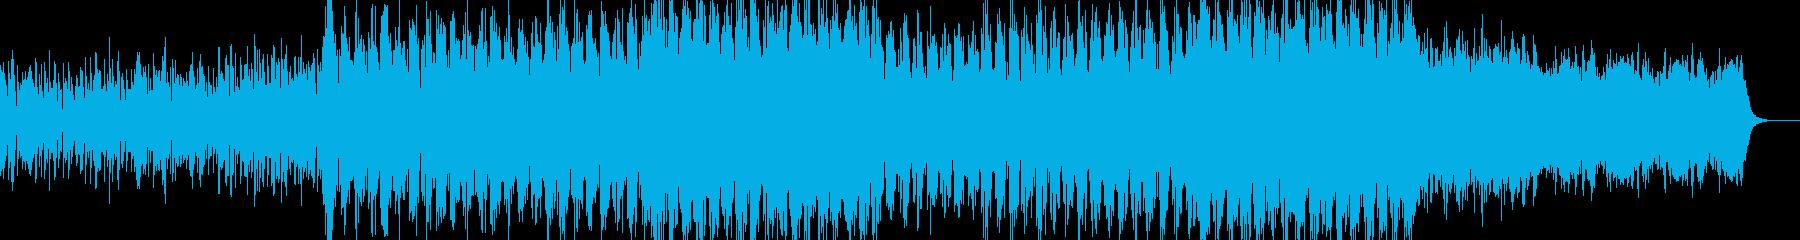 映画音楽、荘厳重厚、映像向け-25の再生済みの波形